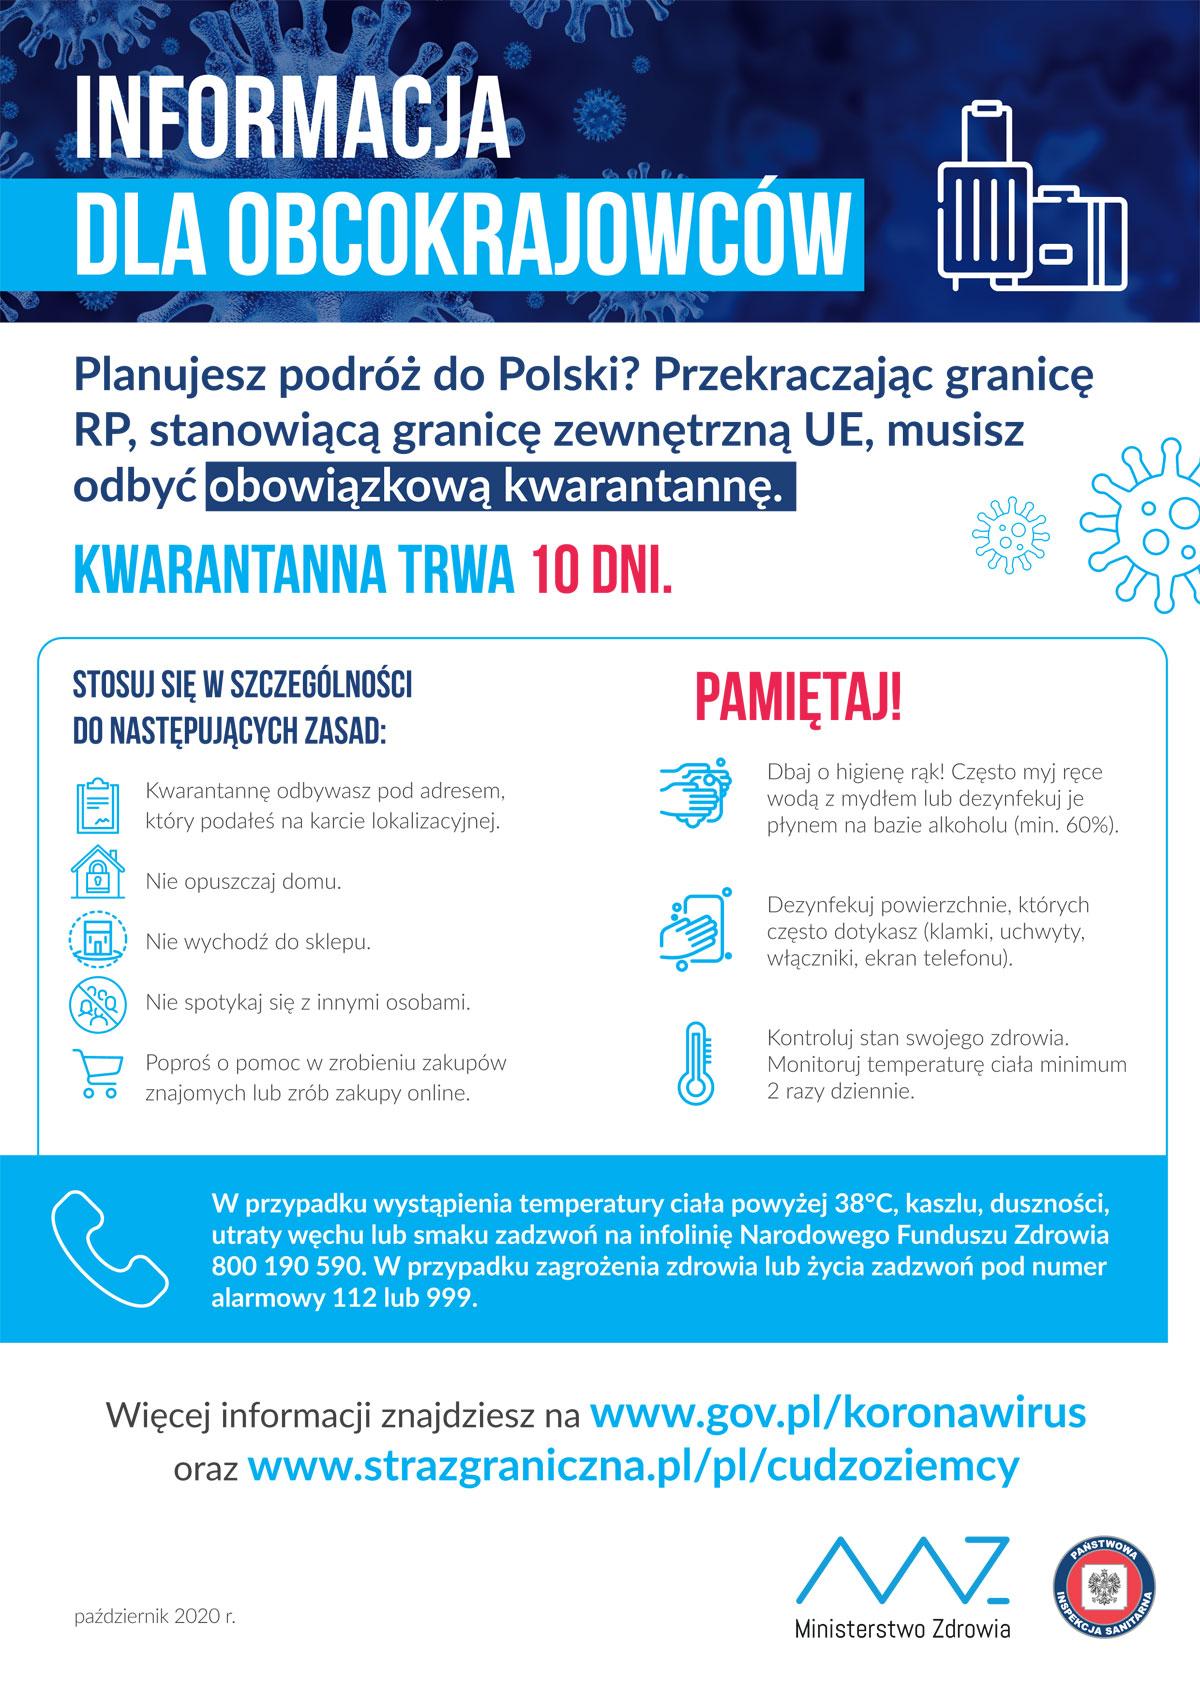 Plakat COVID-19: informacje dla obcokrajowców